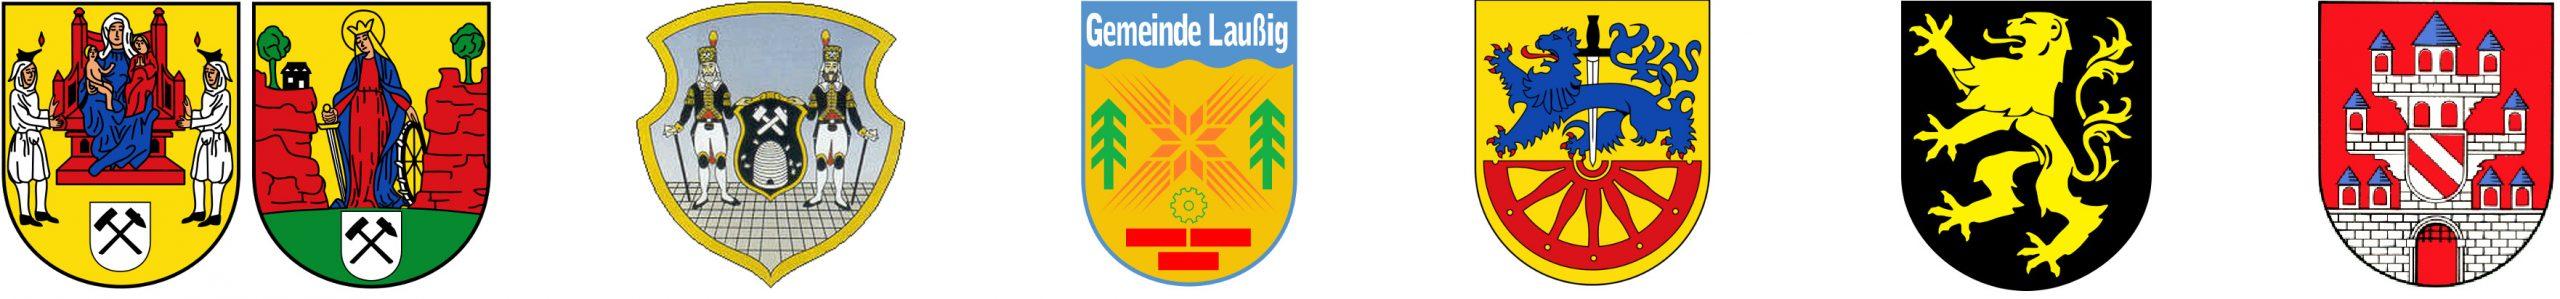 Wappen Sitzgemeinden